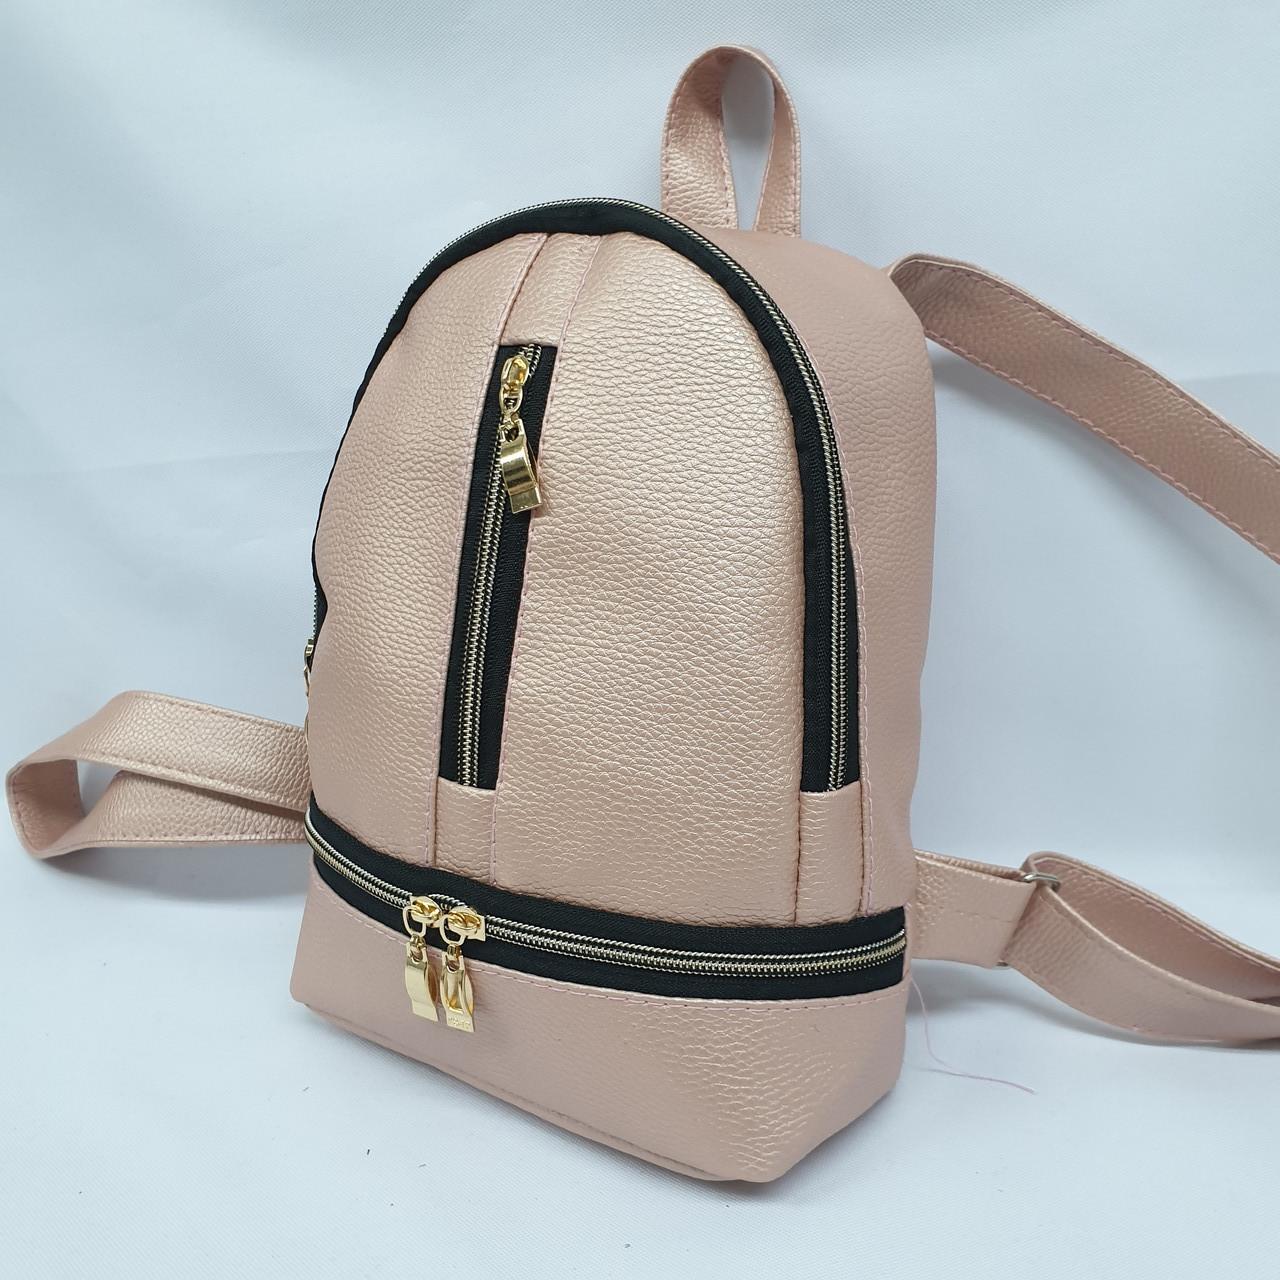 Рюкзак женский эко-кожа городской стильный. Пудра/перламутр